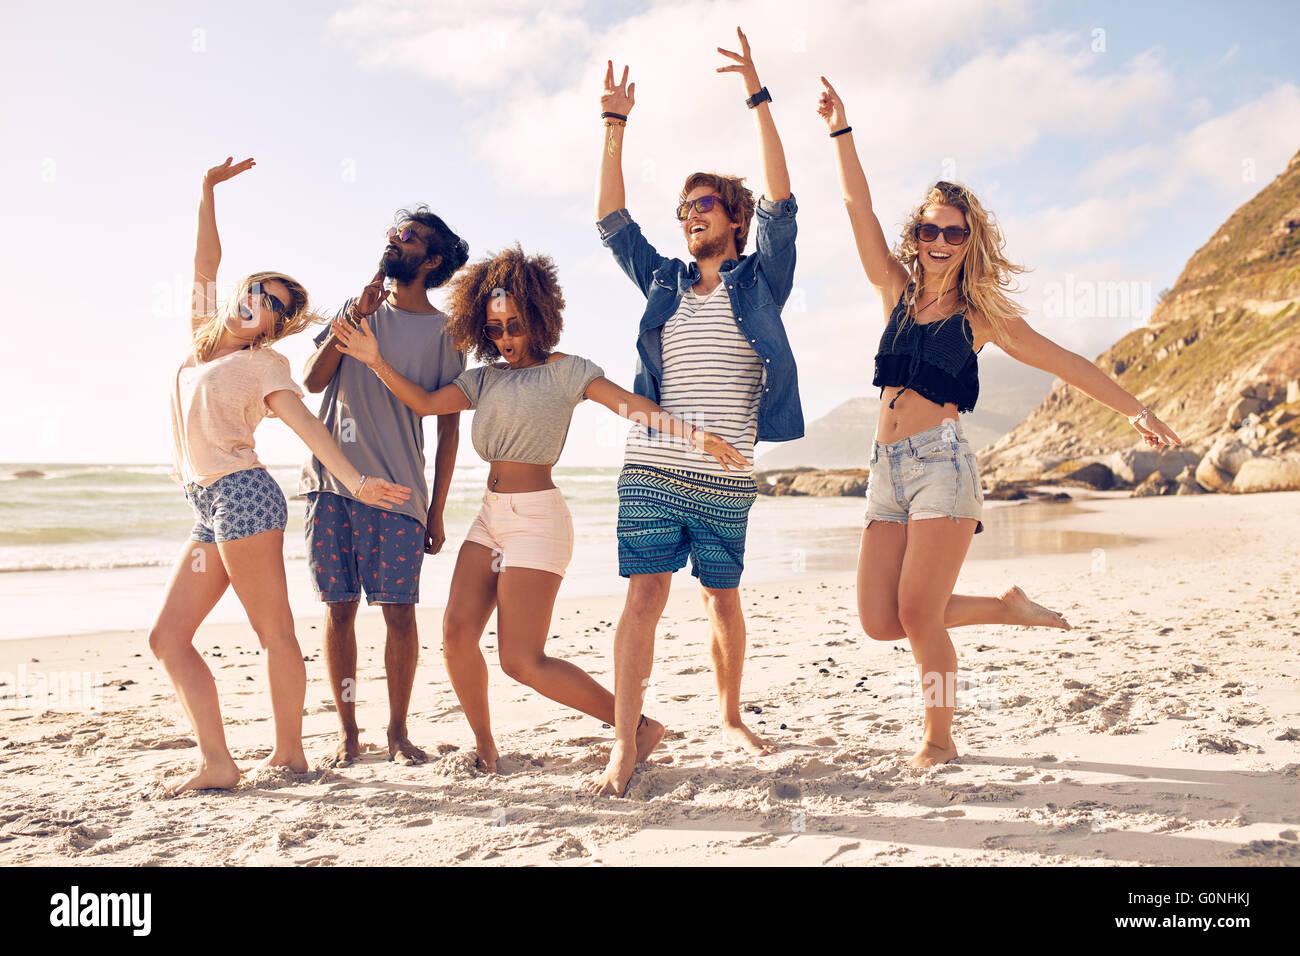 Ritratto di entusiasti giovani amici permanente sulla spiaggia. Gruppo multirazziale di amici godendo una giornata Immagini Stock